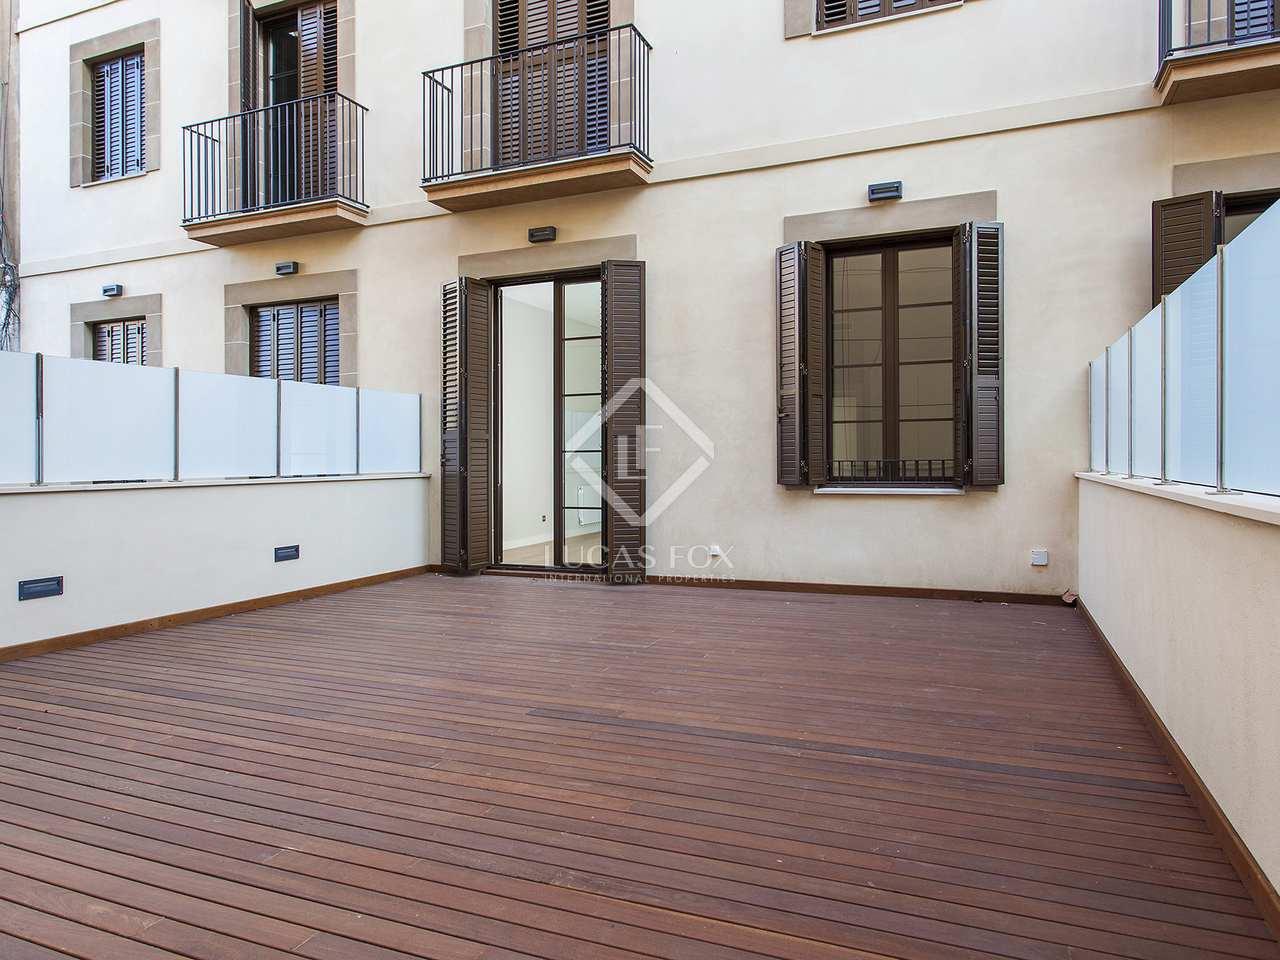 Apartamento de 45m con 50m terraza en alquiler en g tico for Terrazas 1280 a